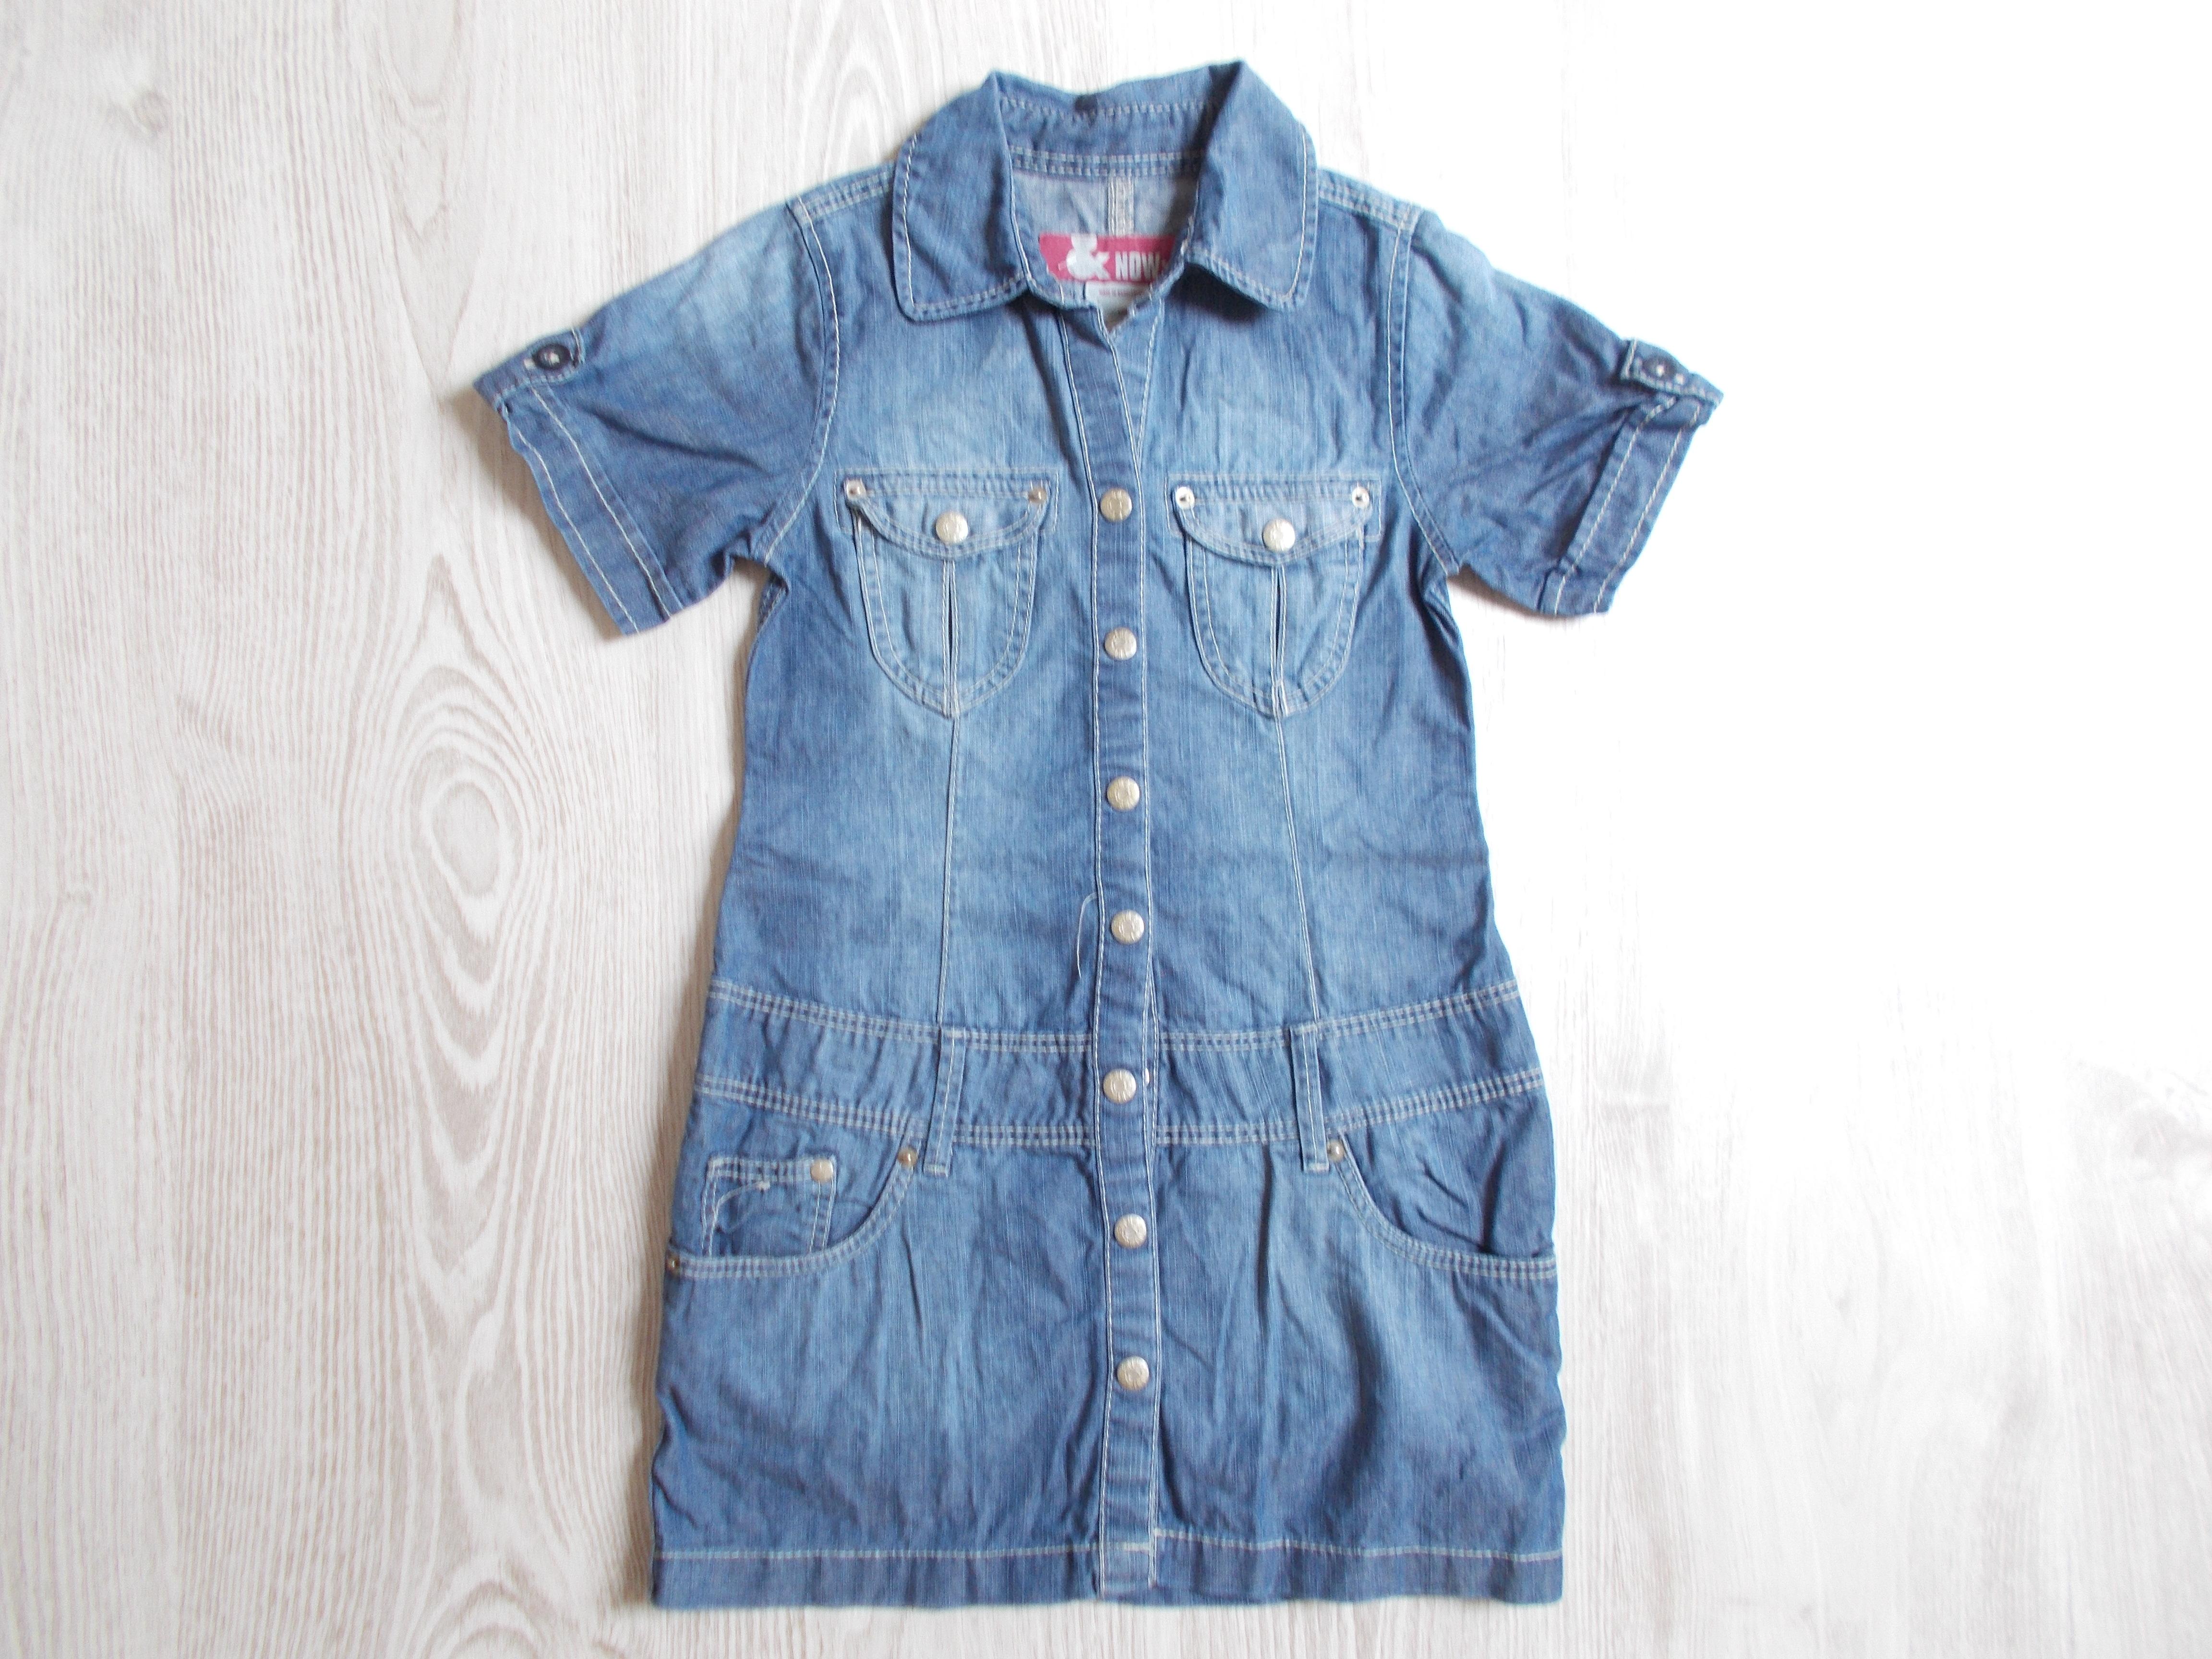 Farmerruha  116 (6 év)   Lány ruhák     Lótusz Gyerekruha Webshop 34e95011a8